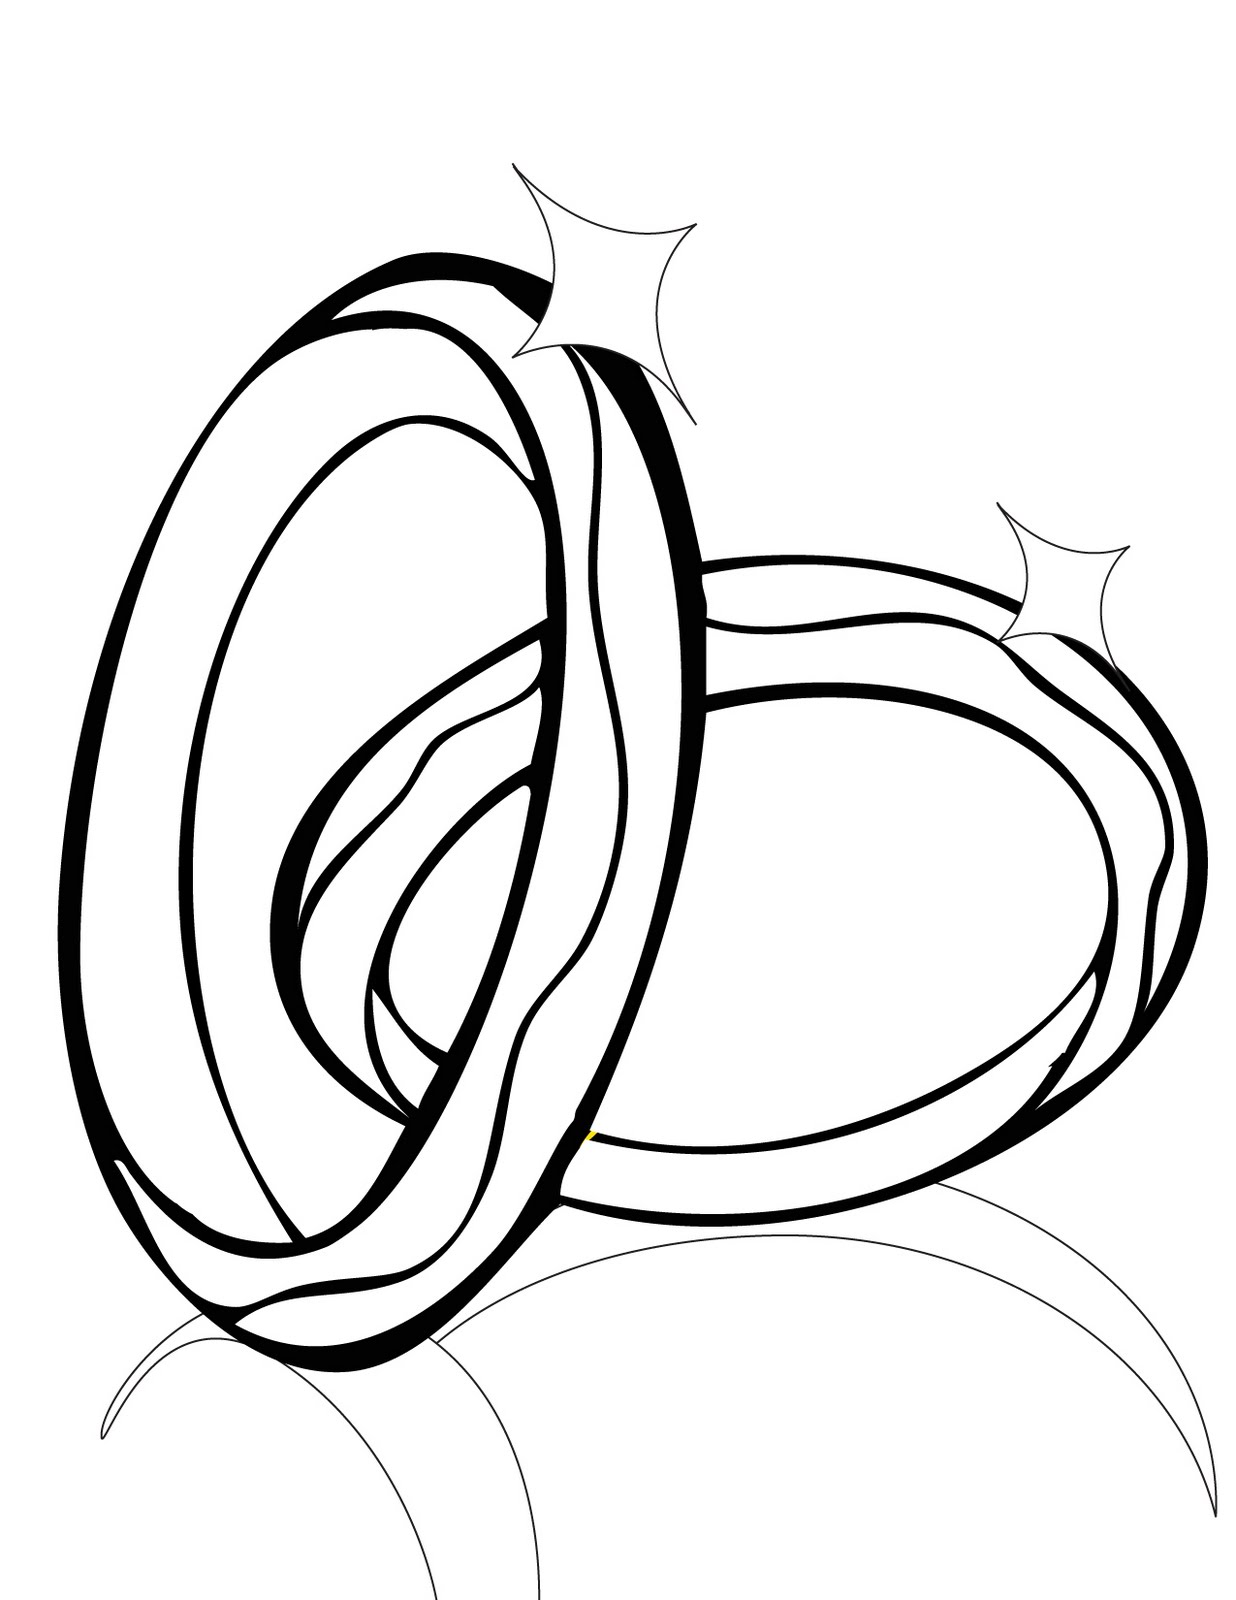 Interlocking Wedding Rings Drawing